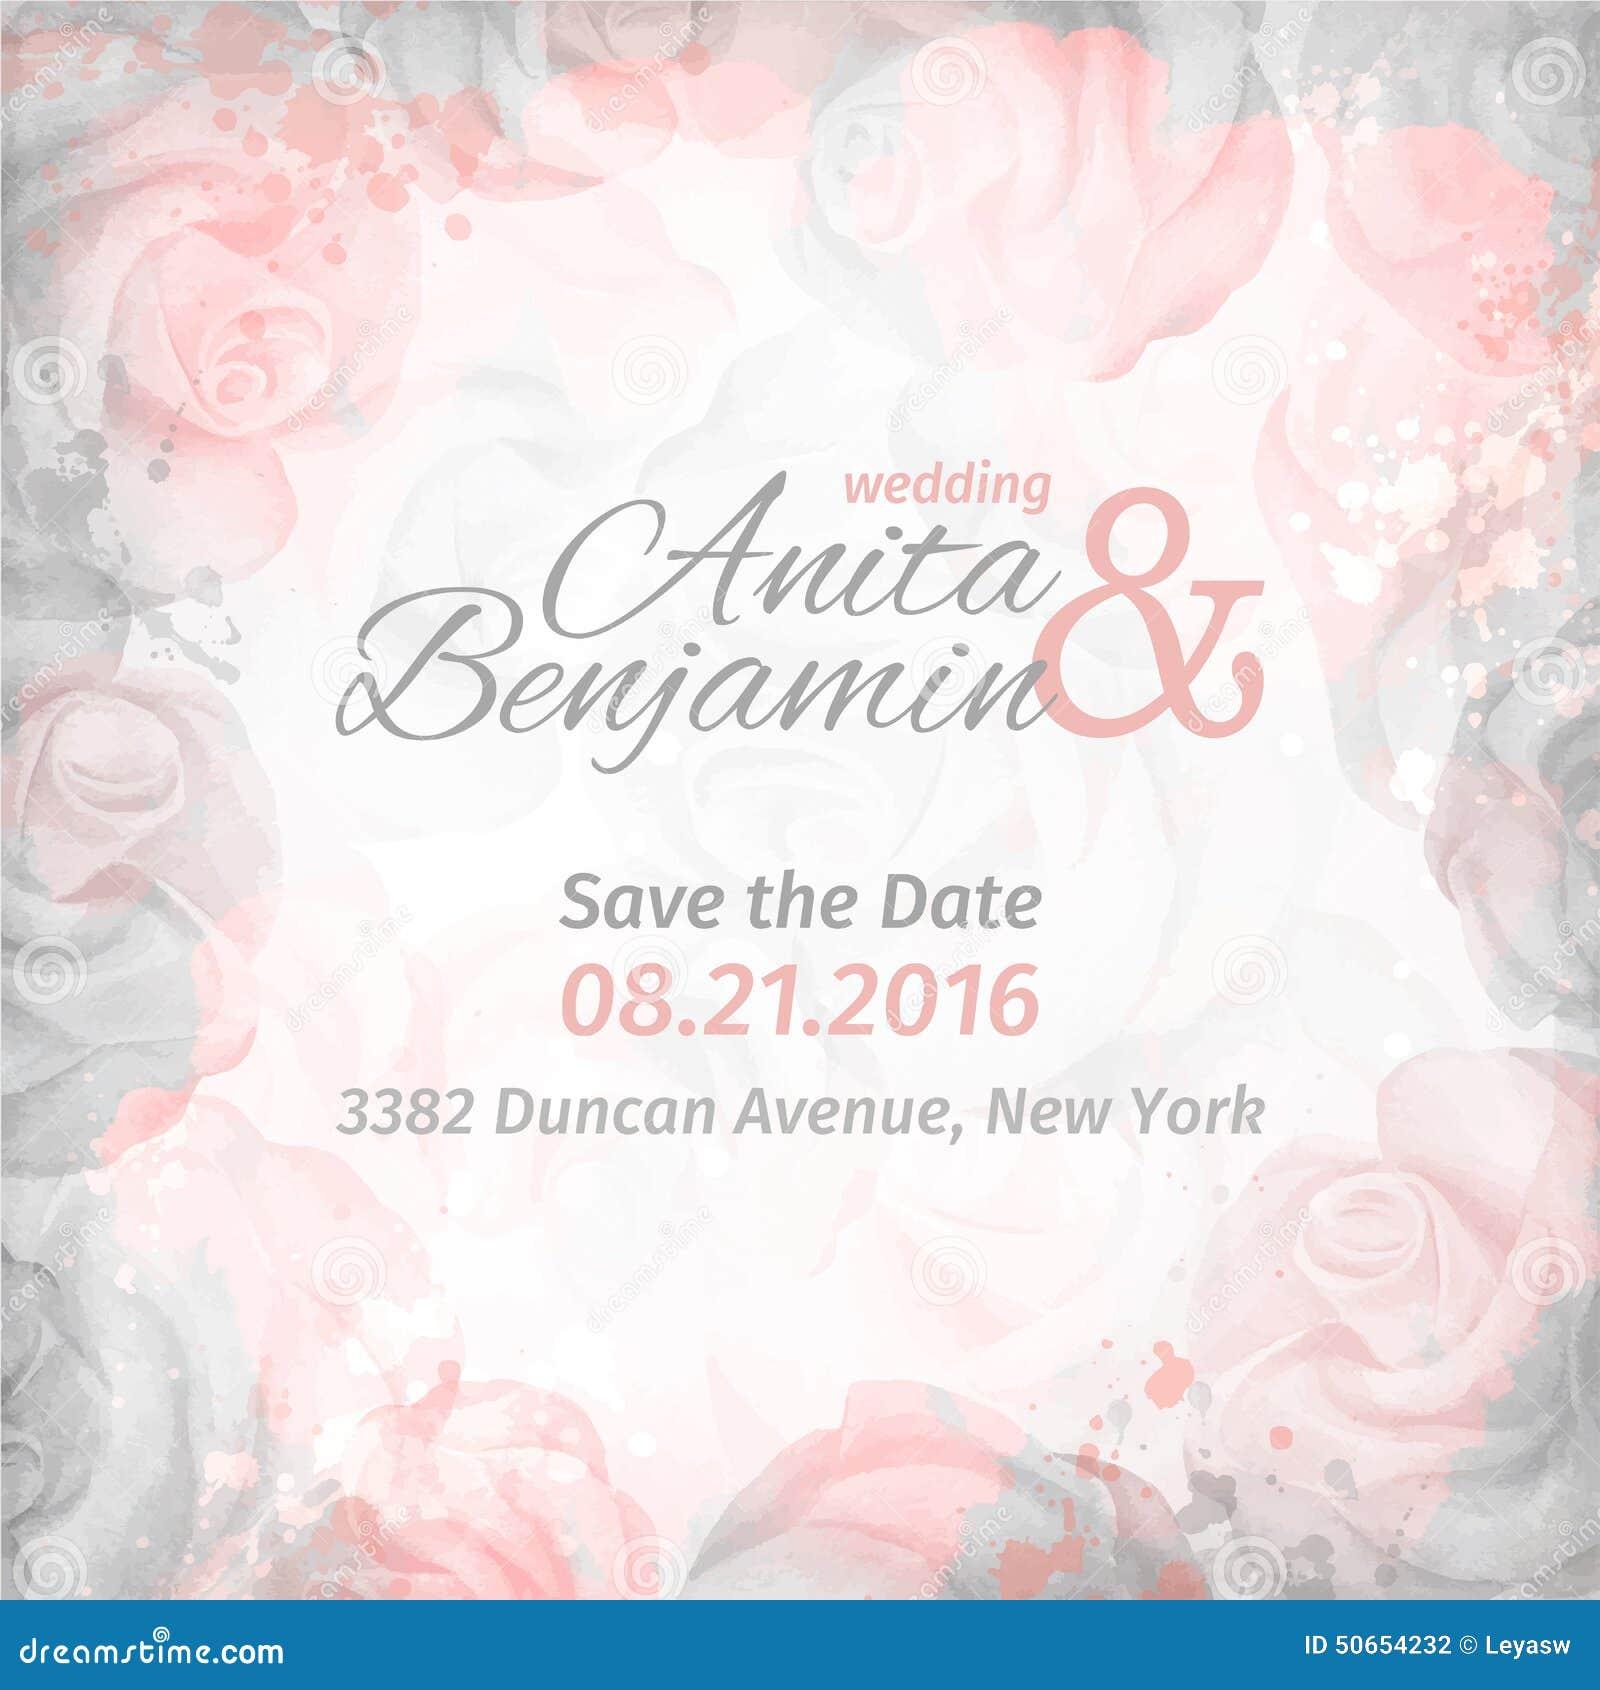 Invitacion A La Boda Fondo Color De Rosa Romantico Abstracto En - Fondo-invitacion-boda